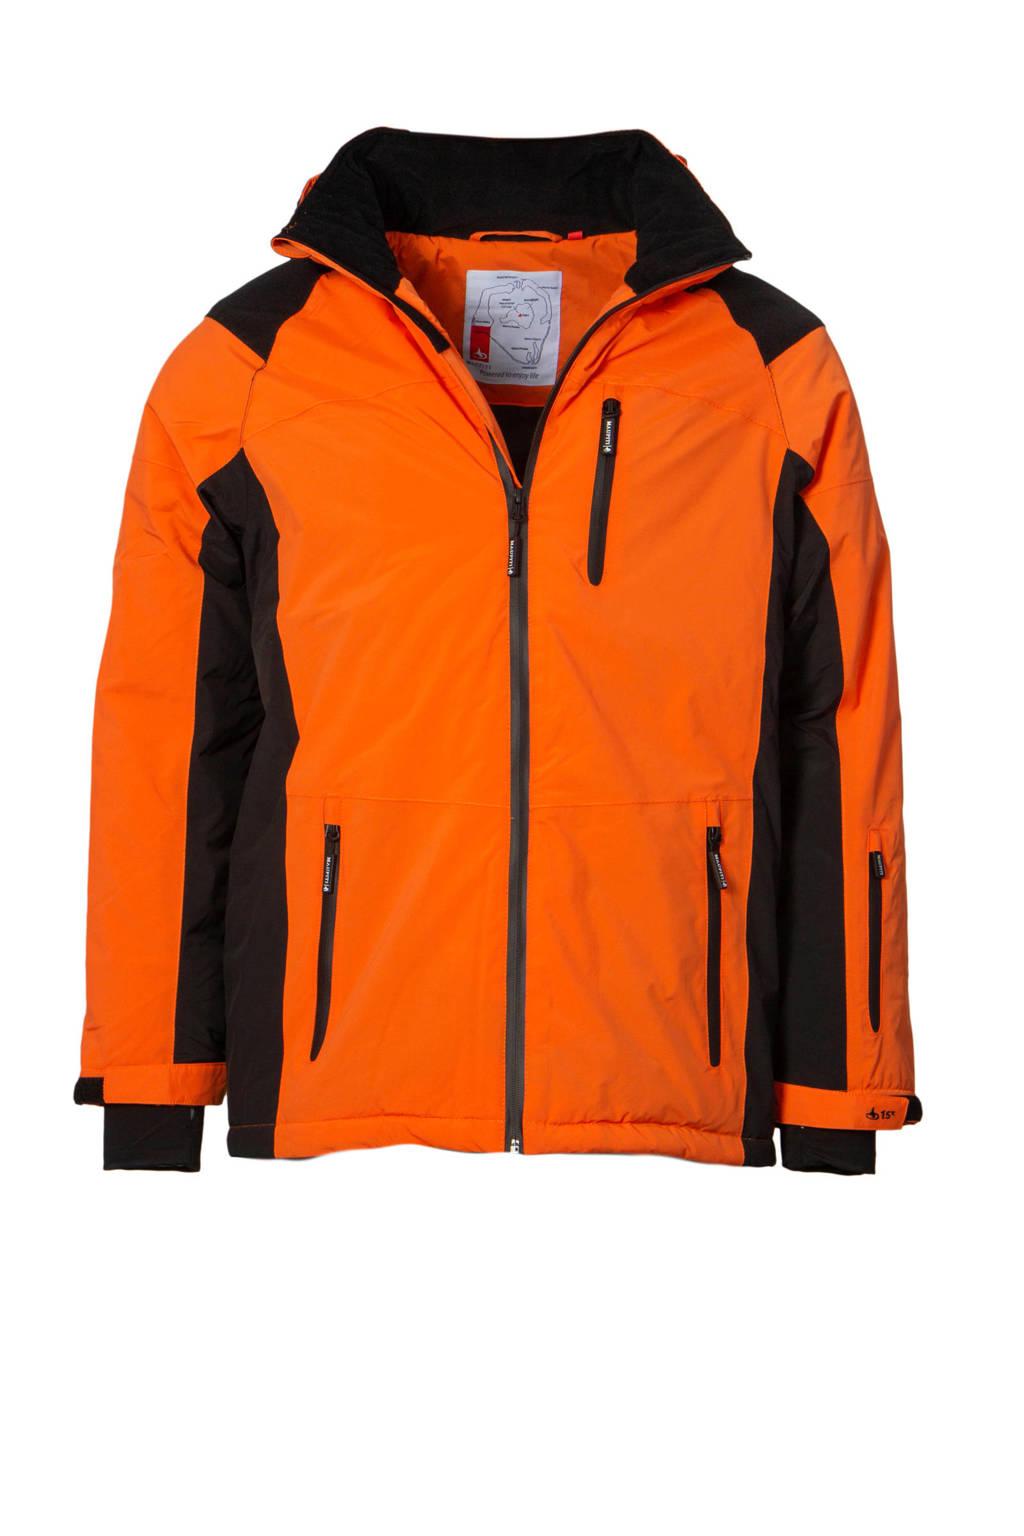 Maupiti ski-jack Mel oranje/zwart, Oranje/zwart